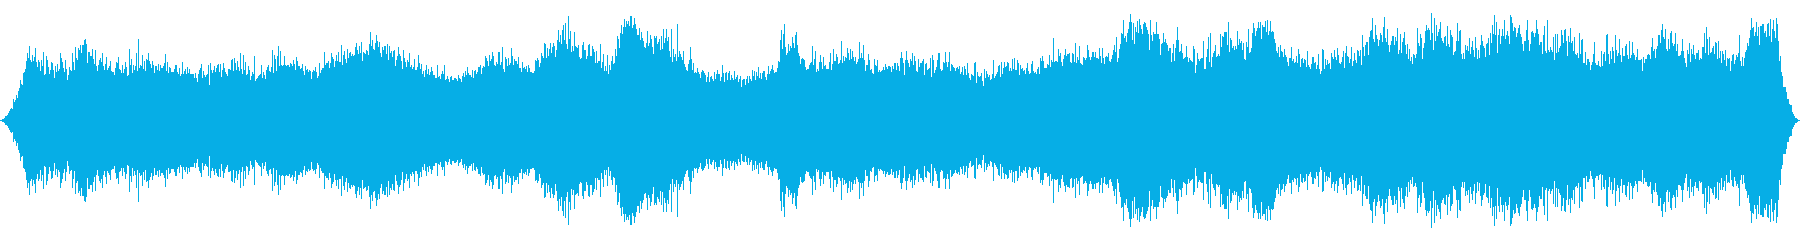 オーシャン:波が中に入ってきて、ヘ...の再生済みの波形